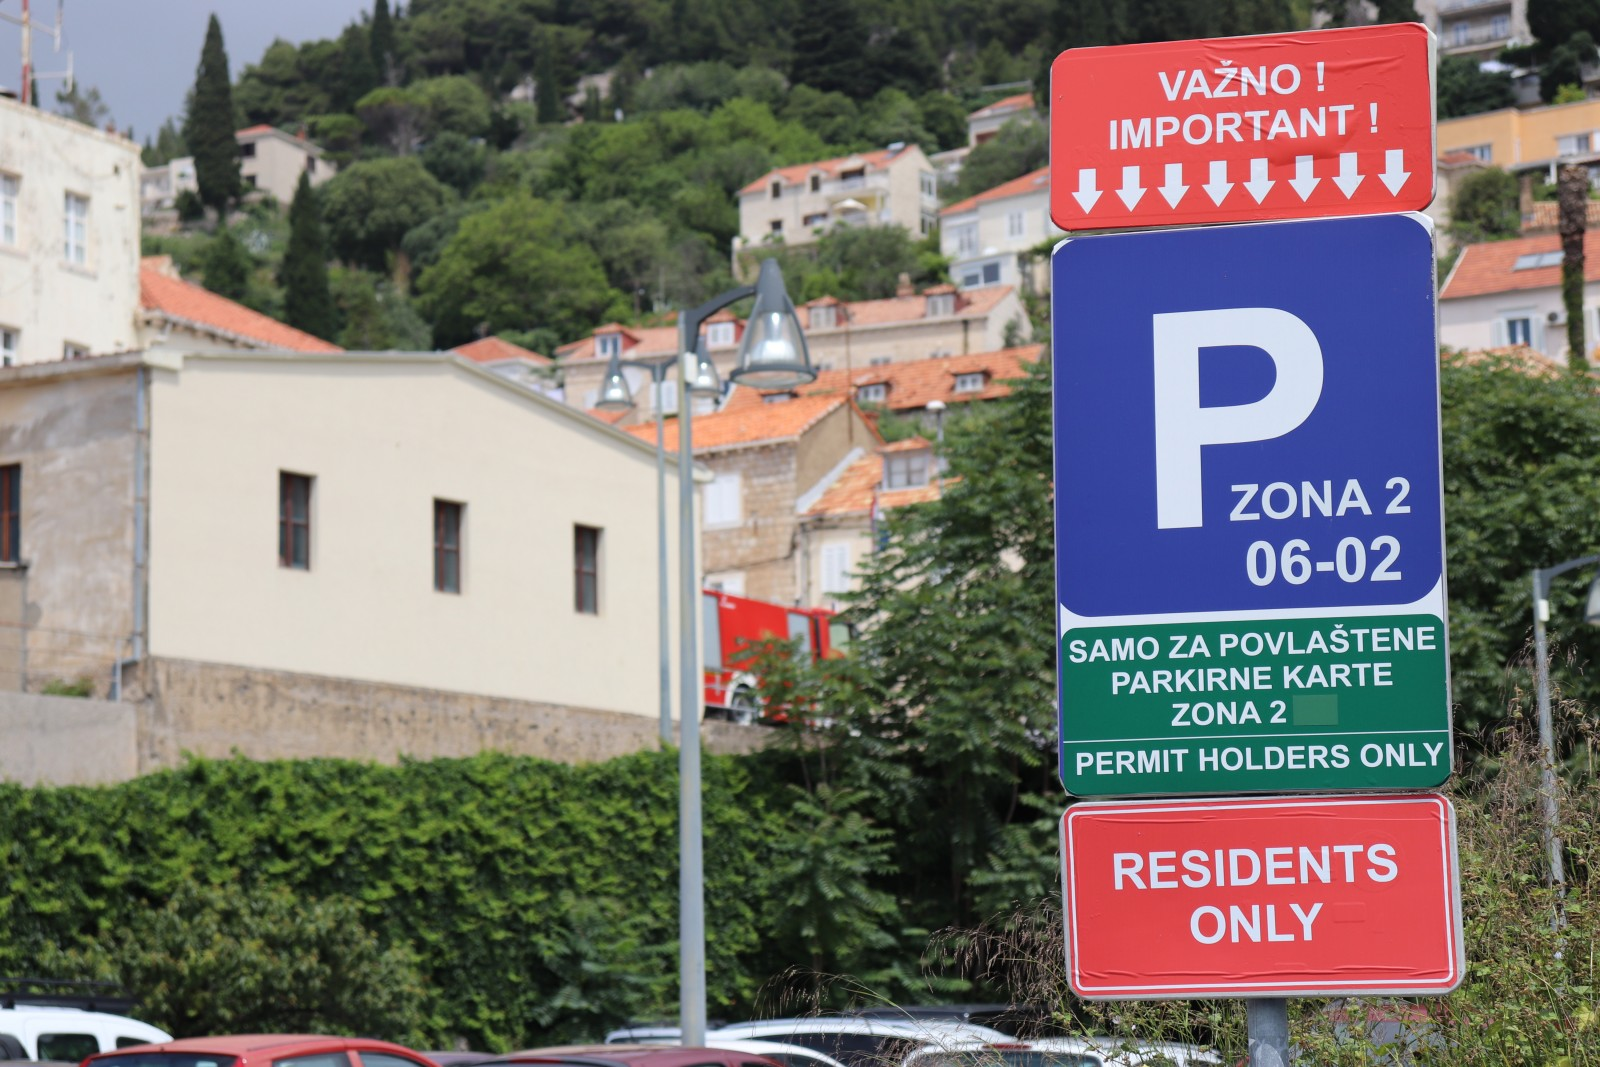 Ponovno se, uz iznimke, pokreće naplata parkiranja